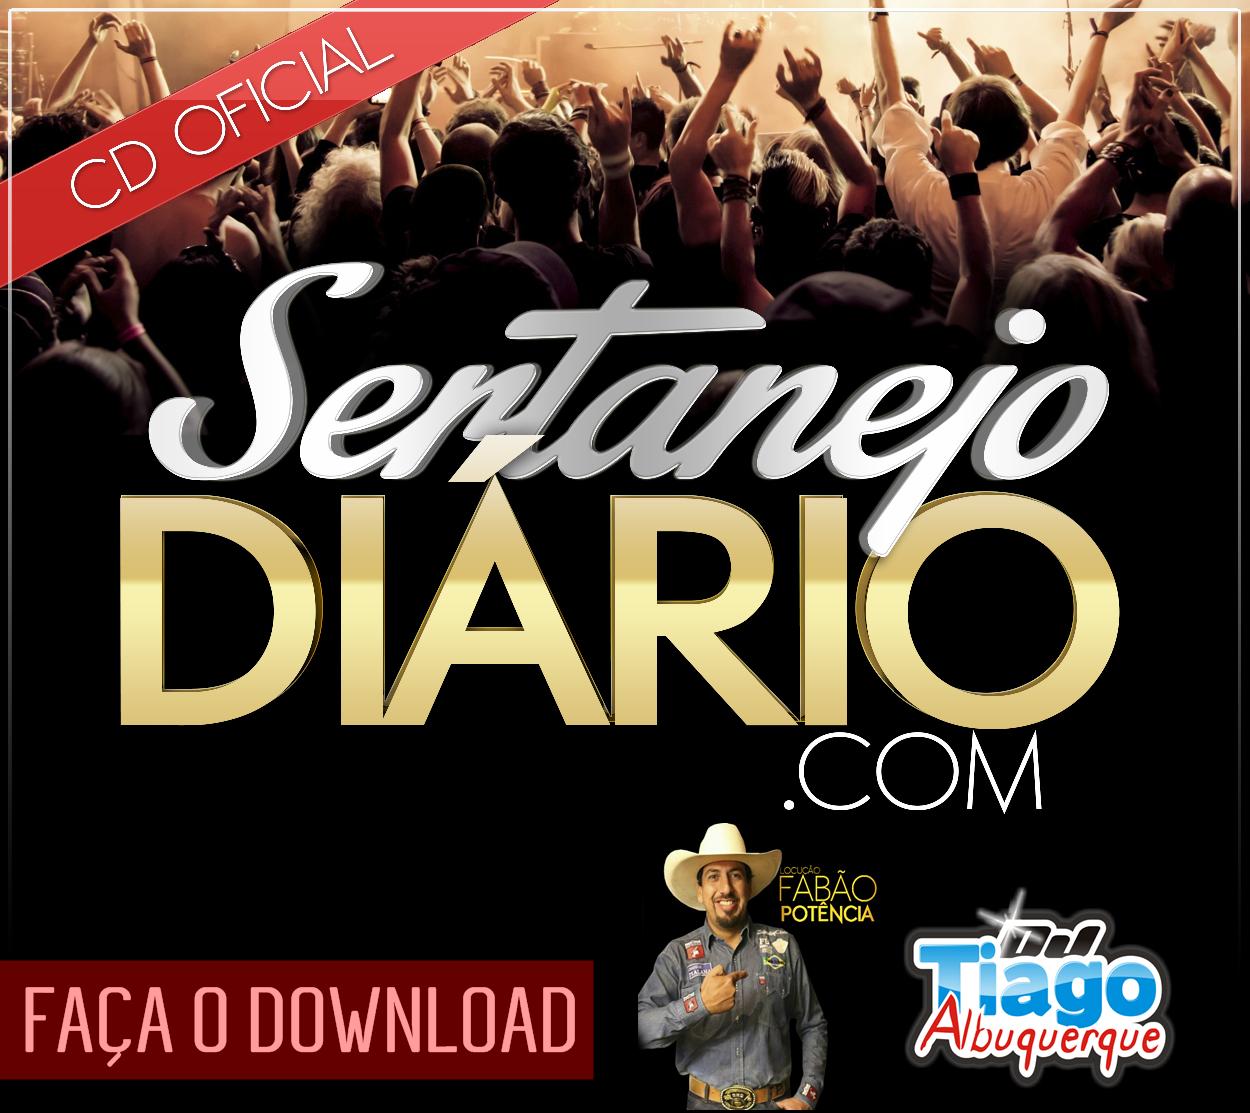 CD SERTANEJO DIÁRIO